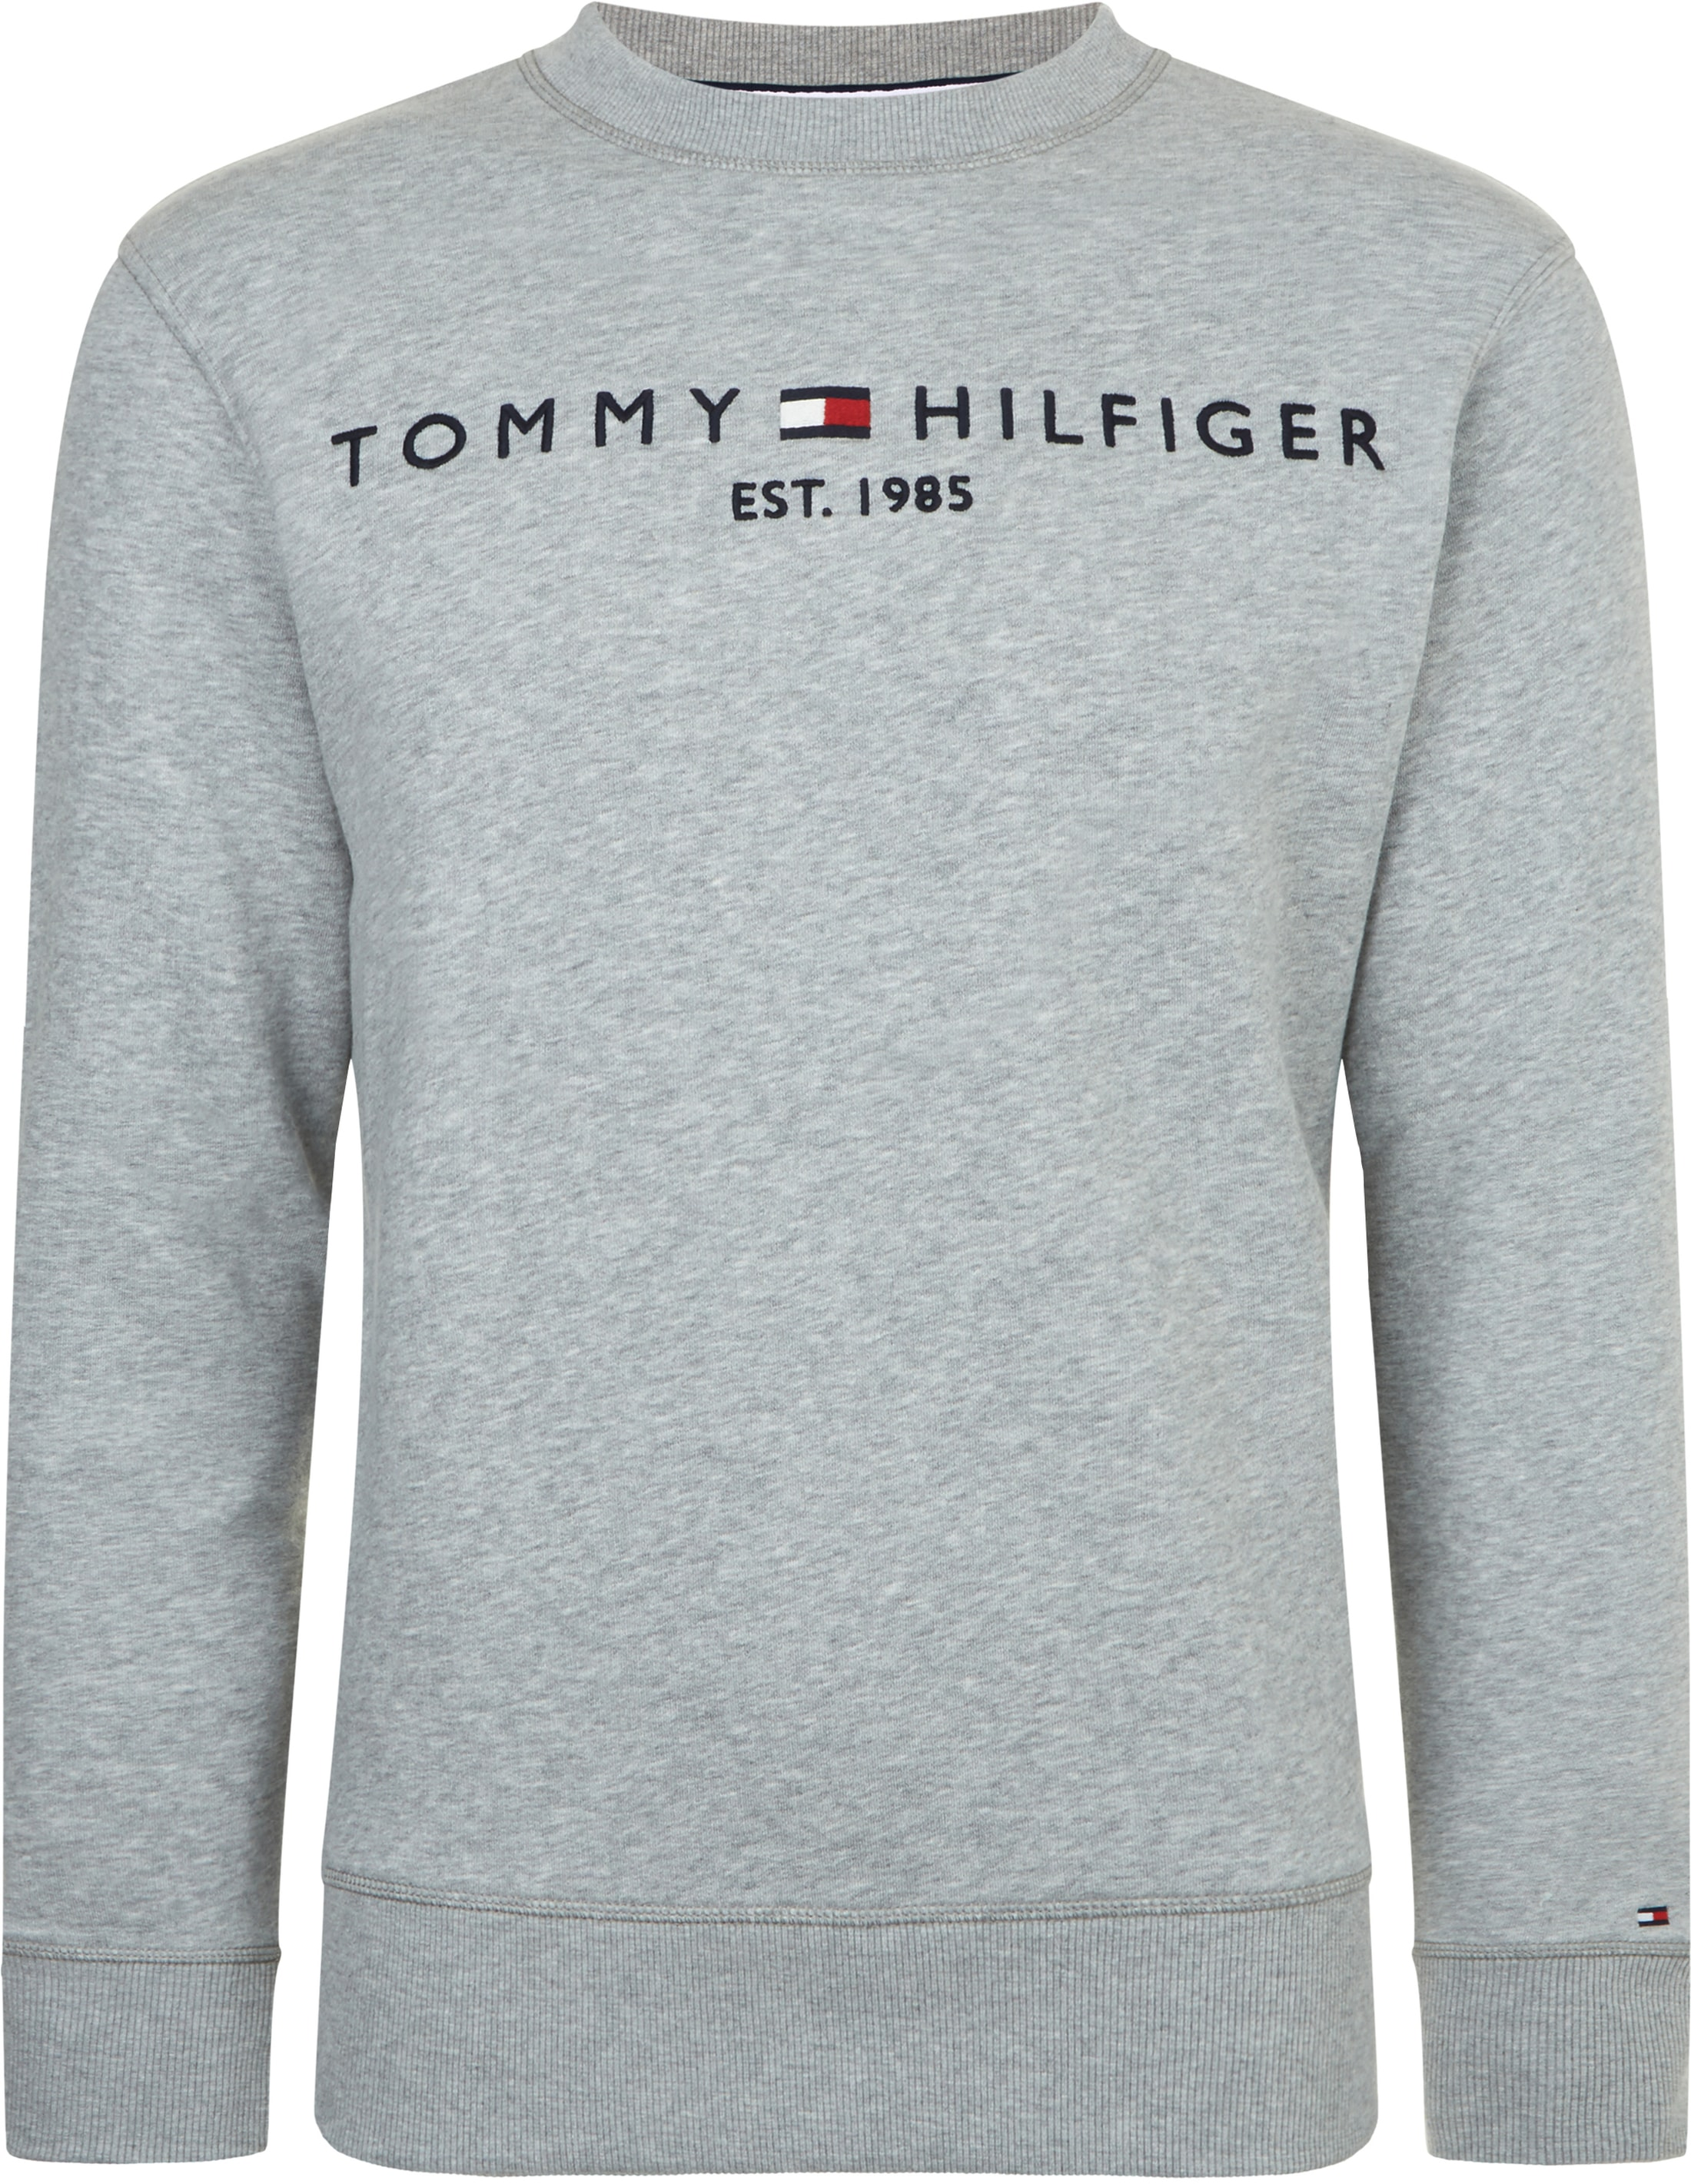 6640c9bd662714 Herrenmode Tommy Hilfiger Pullover Größe L Farbe Grau Pullover & Strick